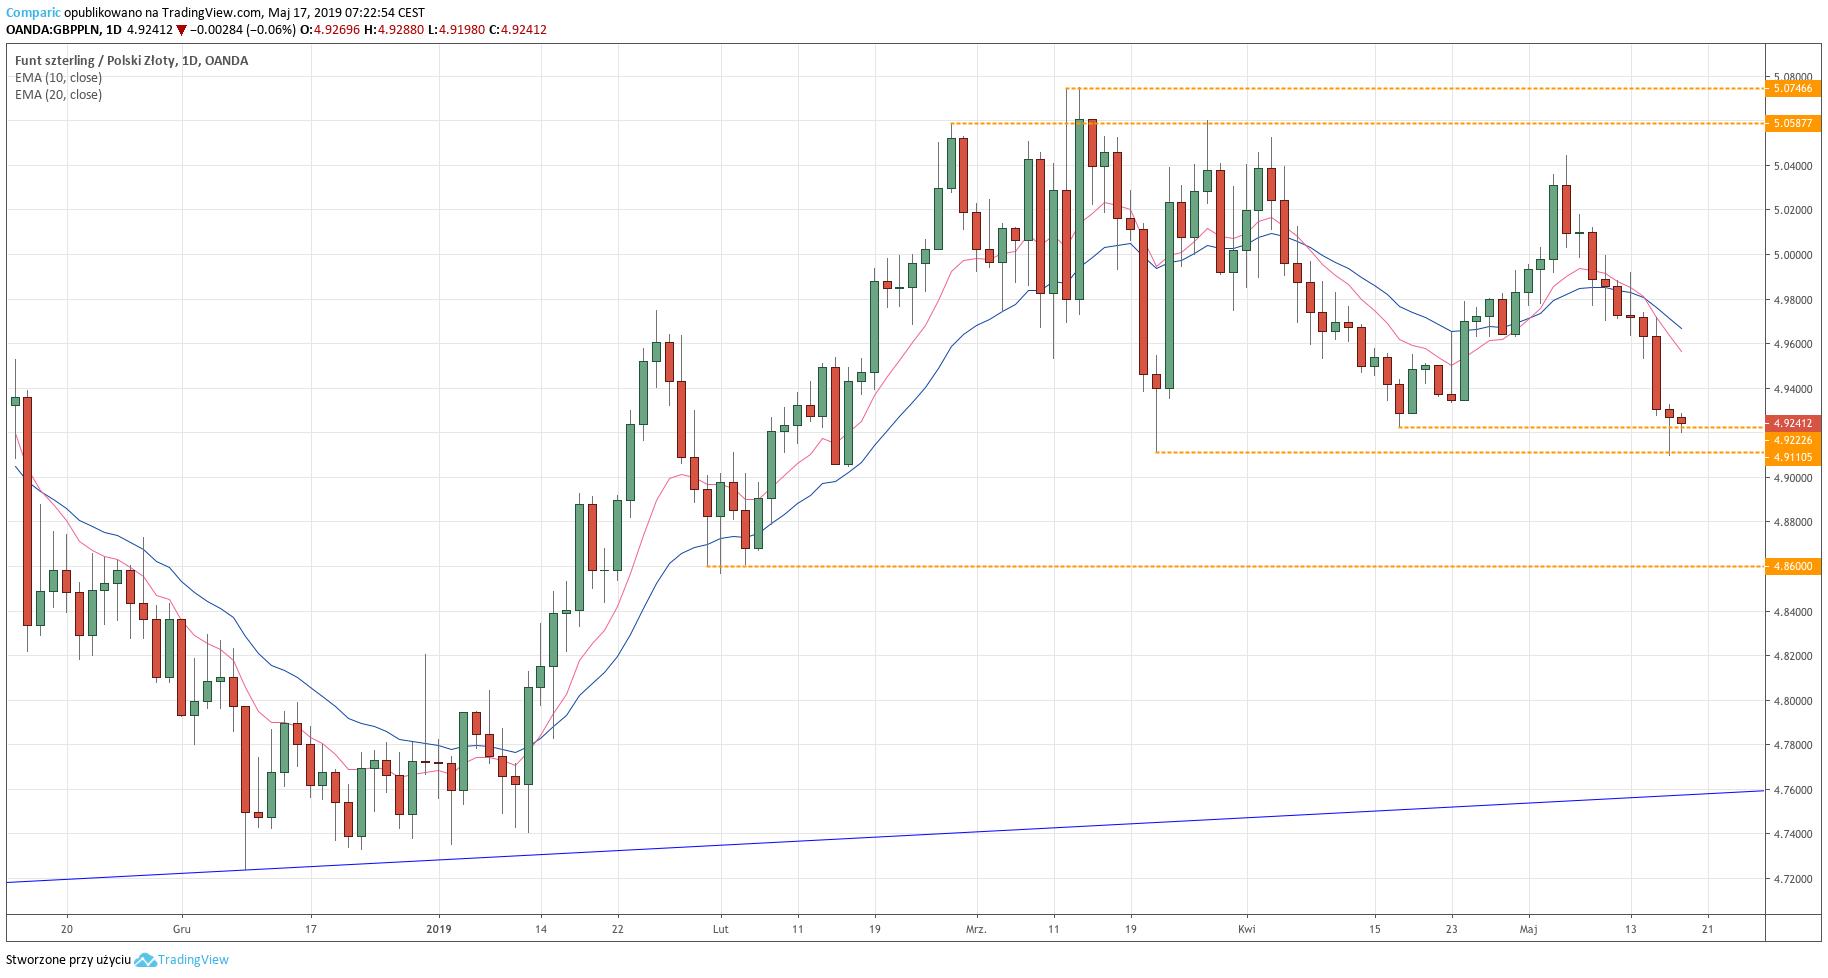 Kurs funrta do złotego (GBP/PLN) - wykres dzienny - 17 maja 2019